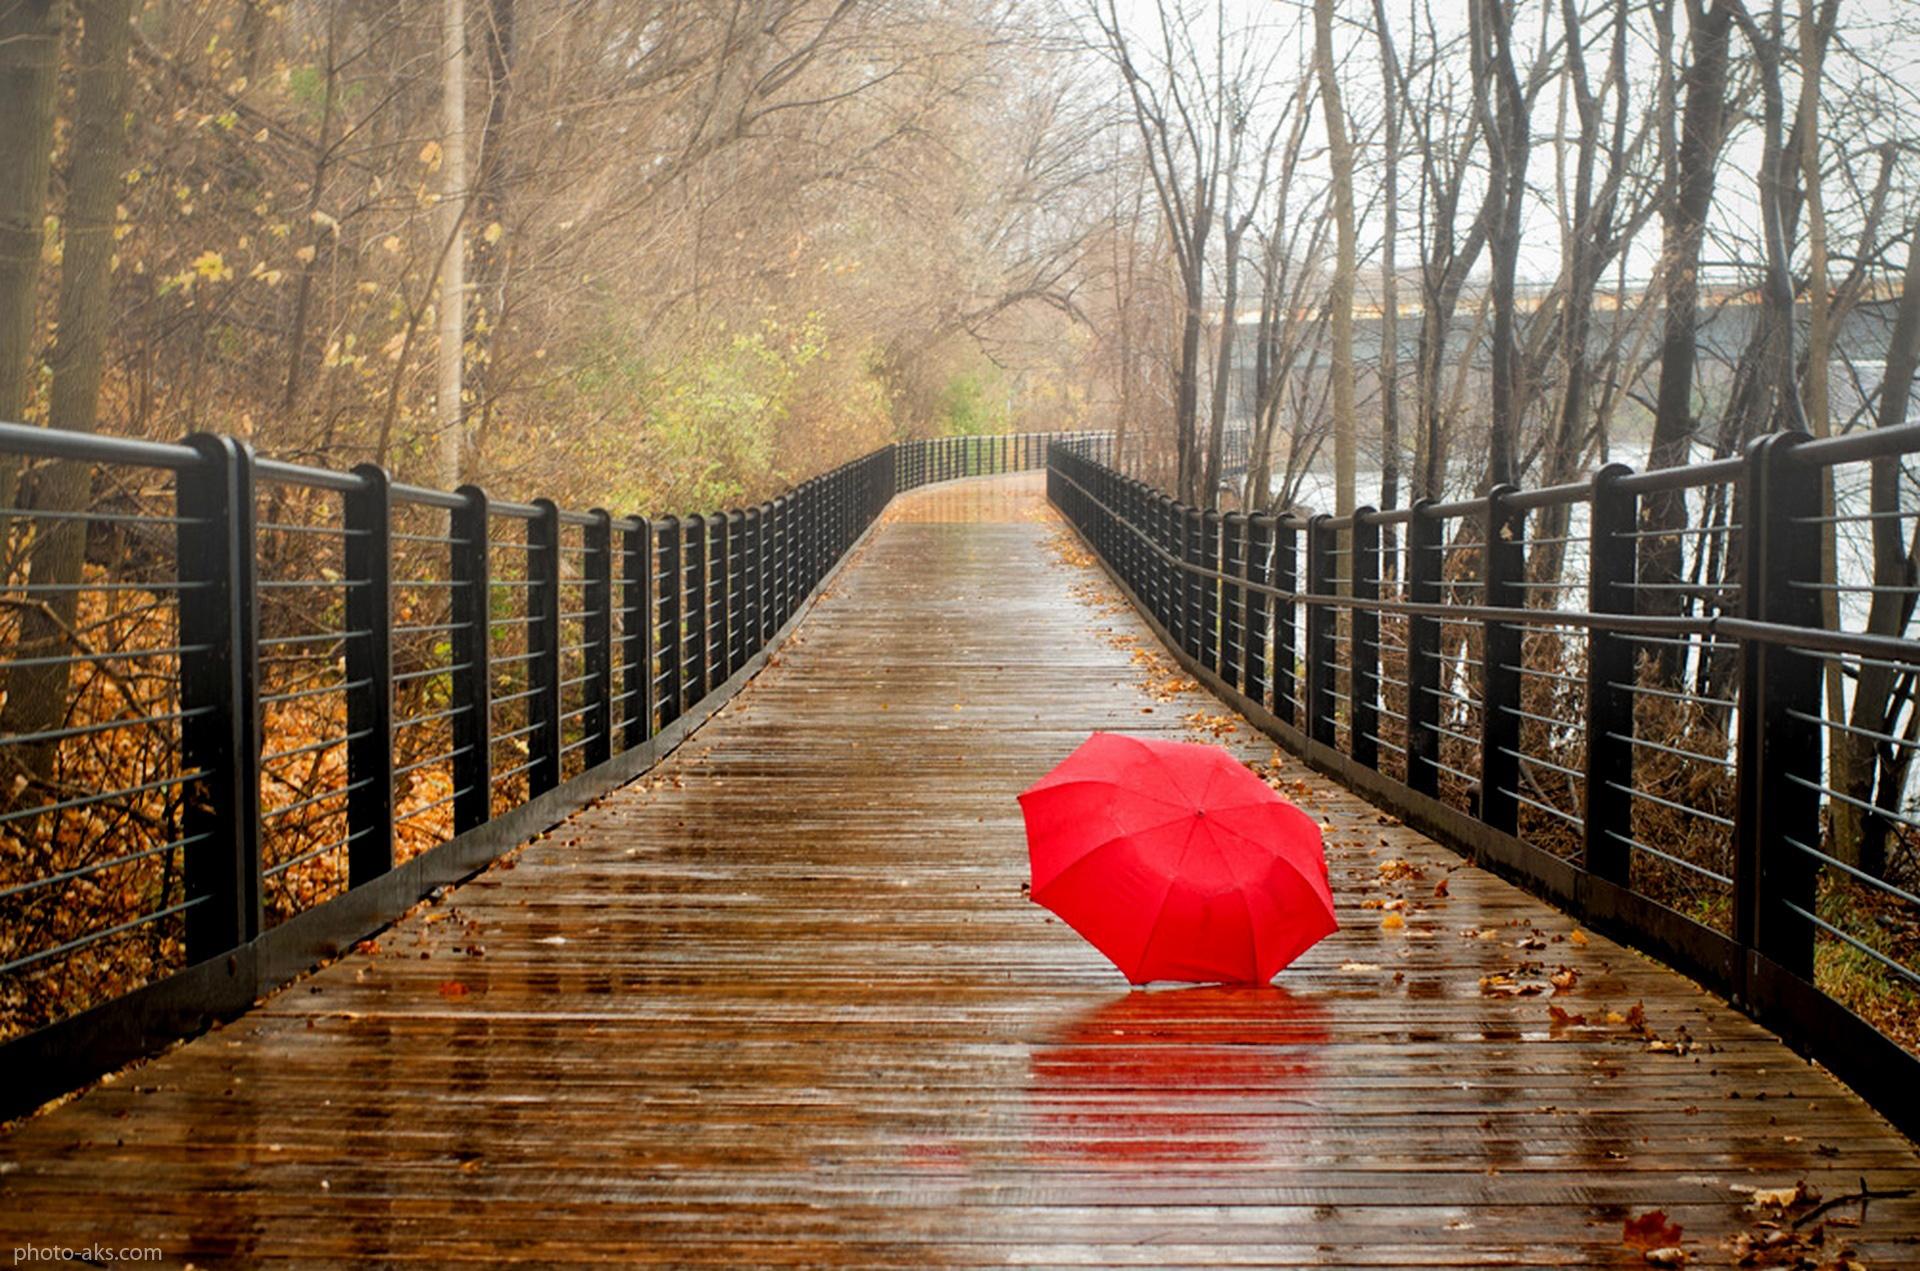 تصاویر باران پاییزی